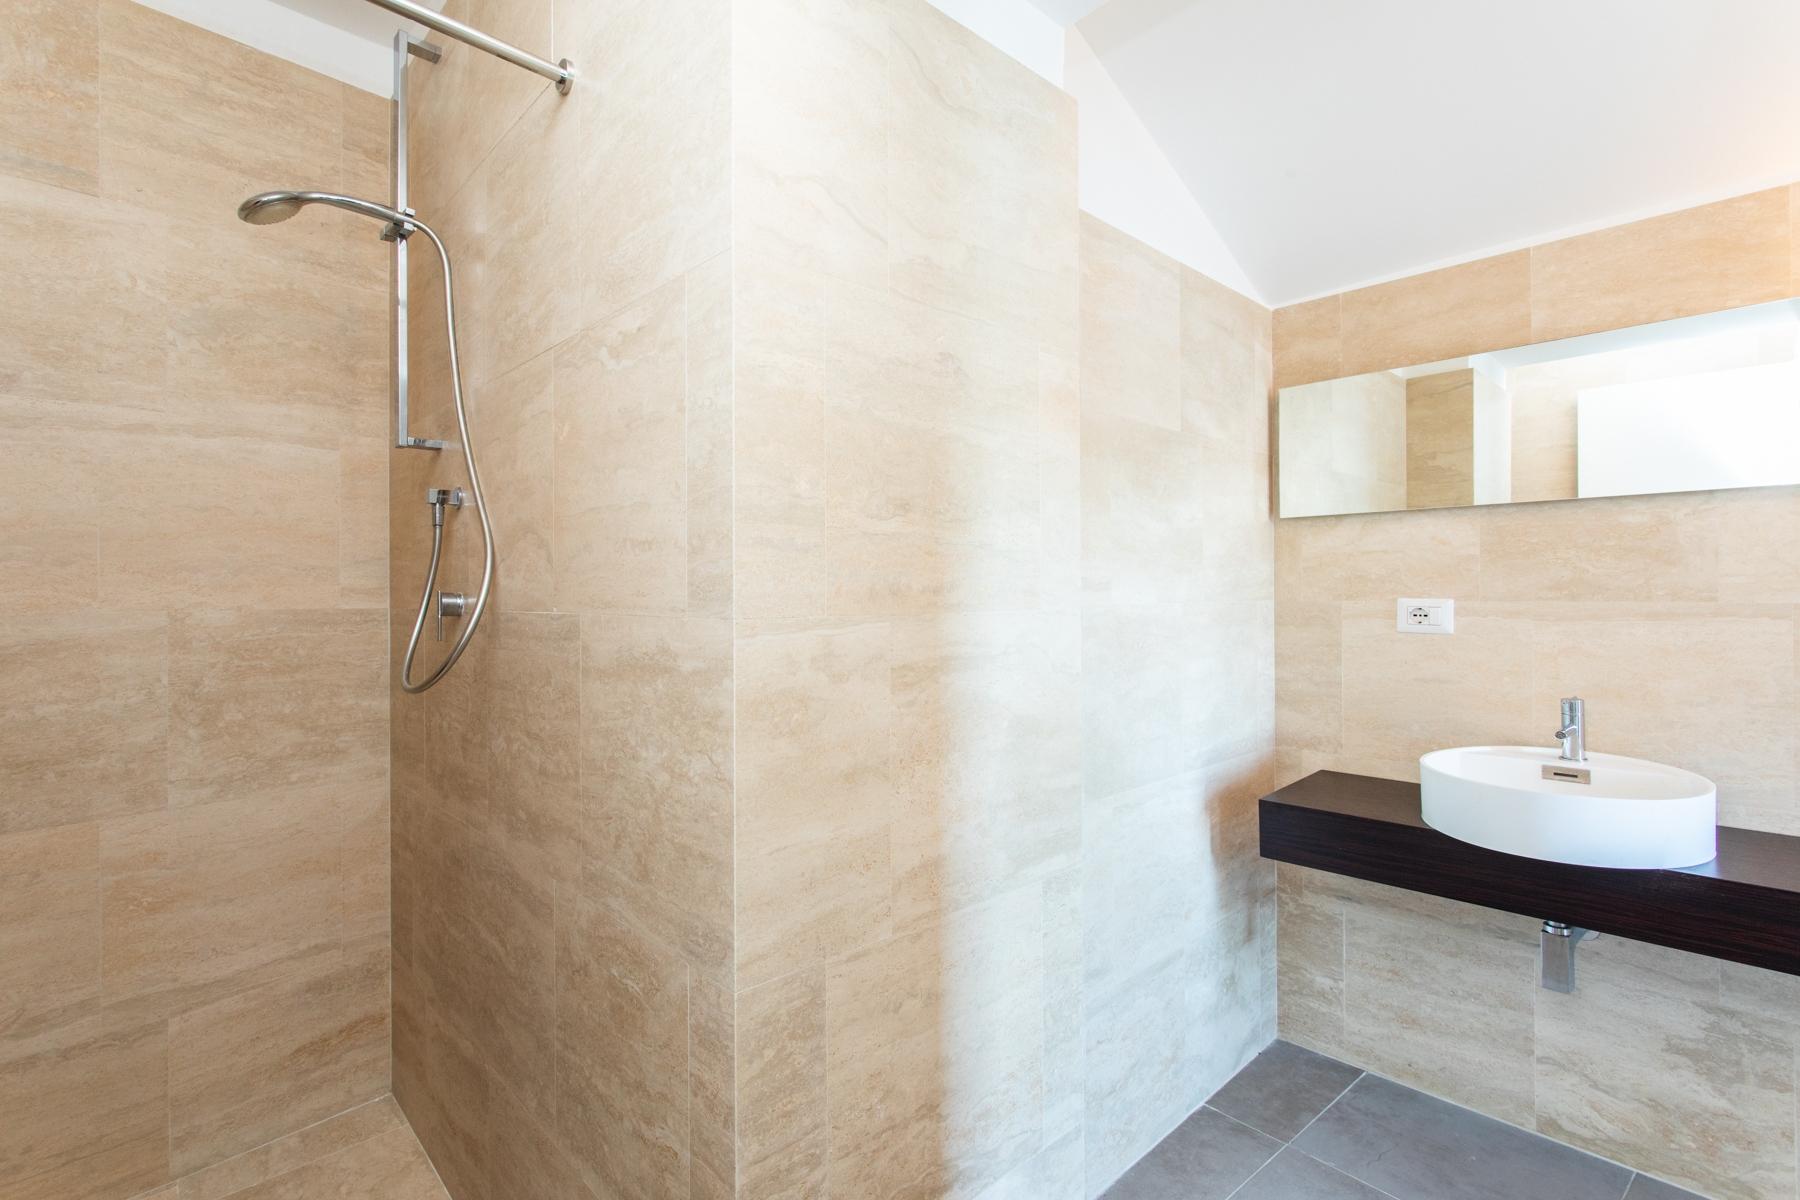 Appartamento in Vendita a Trevignano Romano: 4 locali, 85 mq - Foto 6